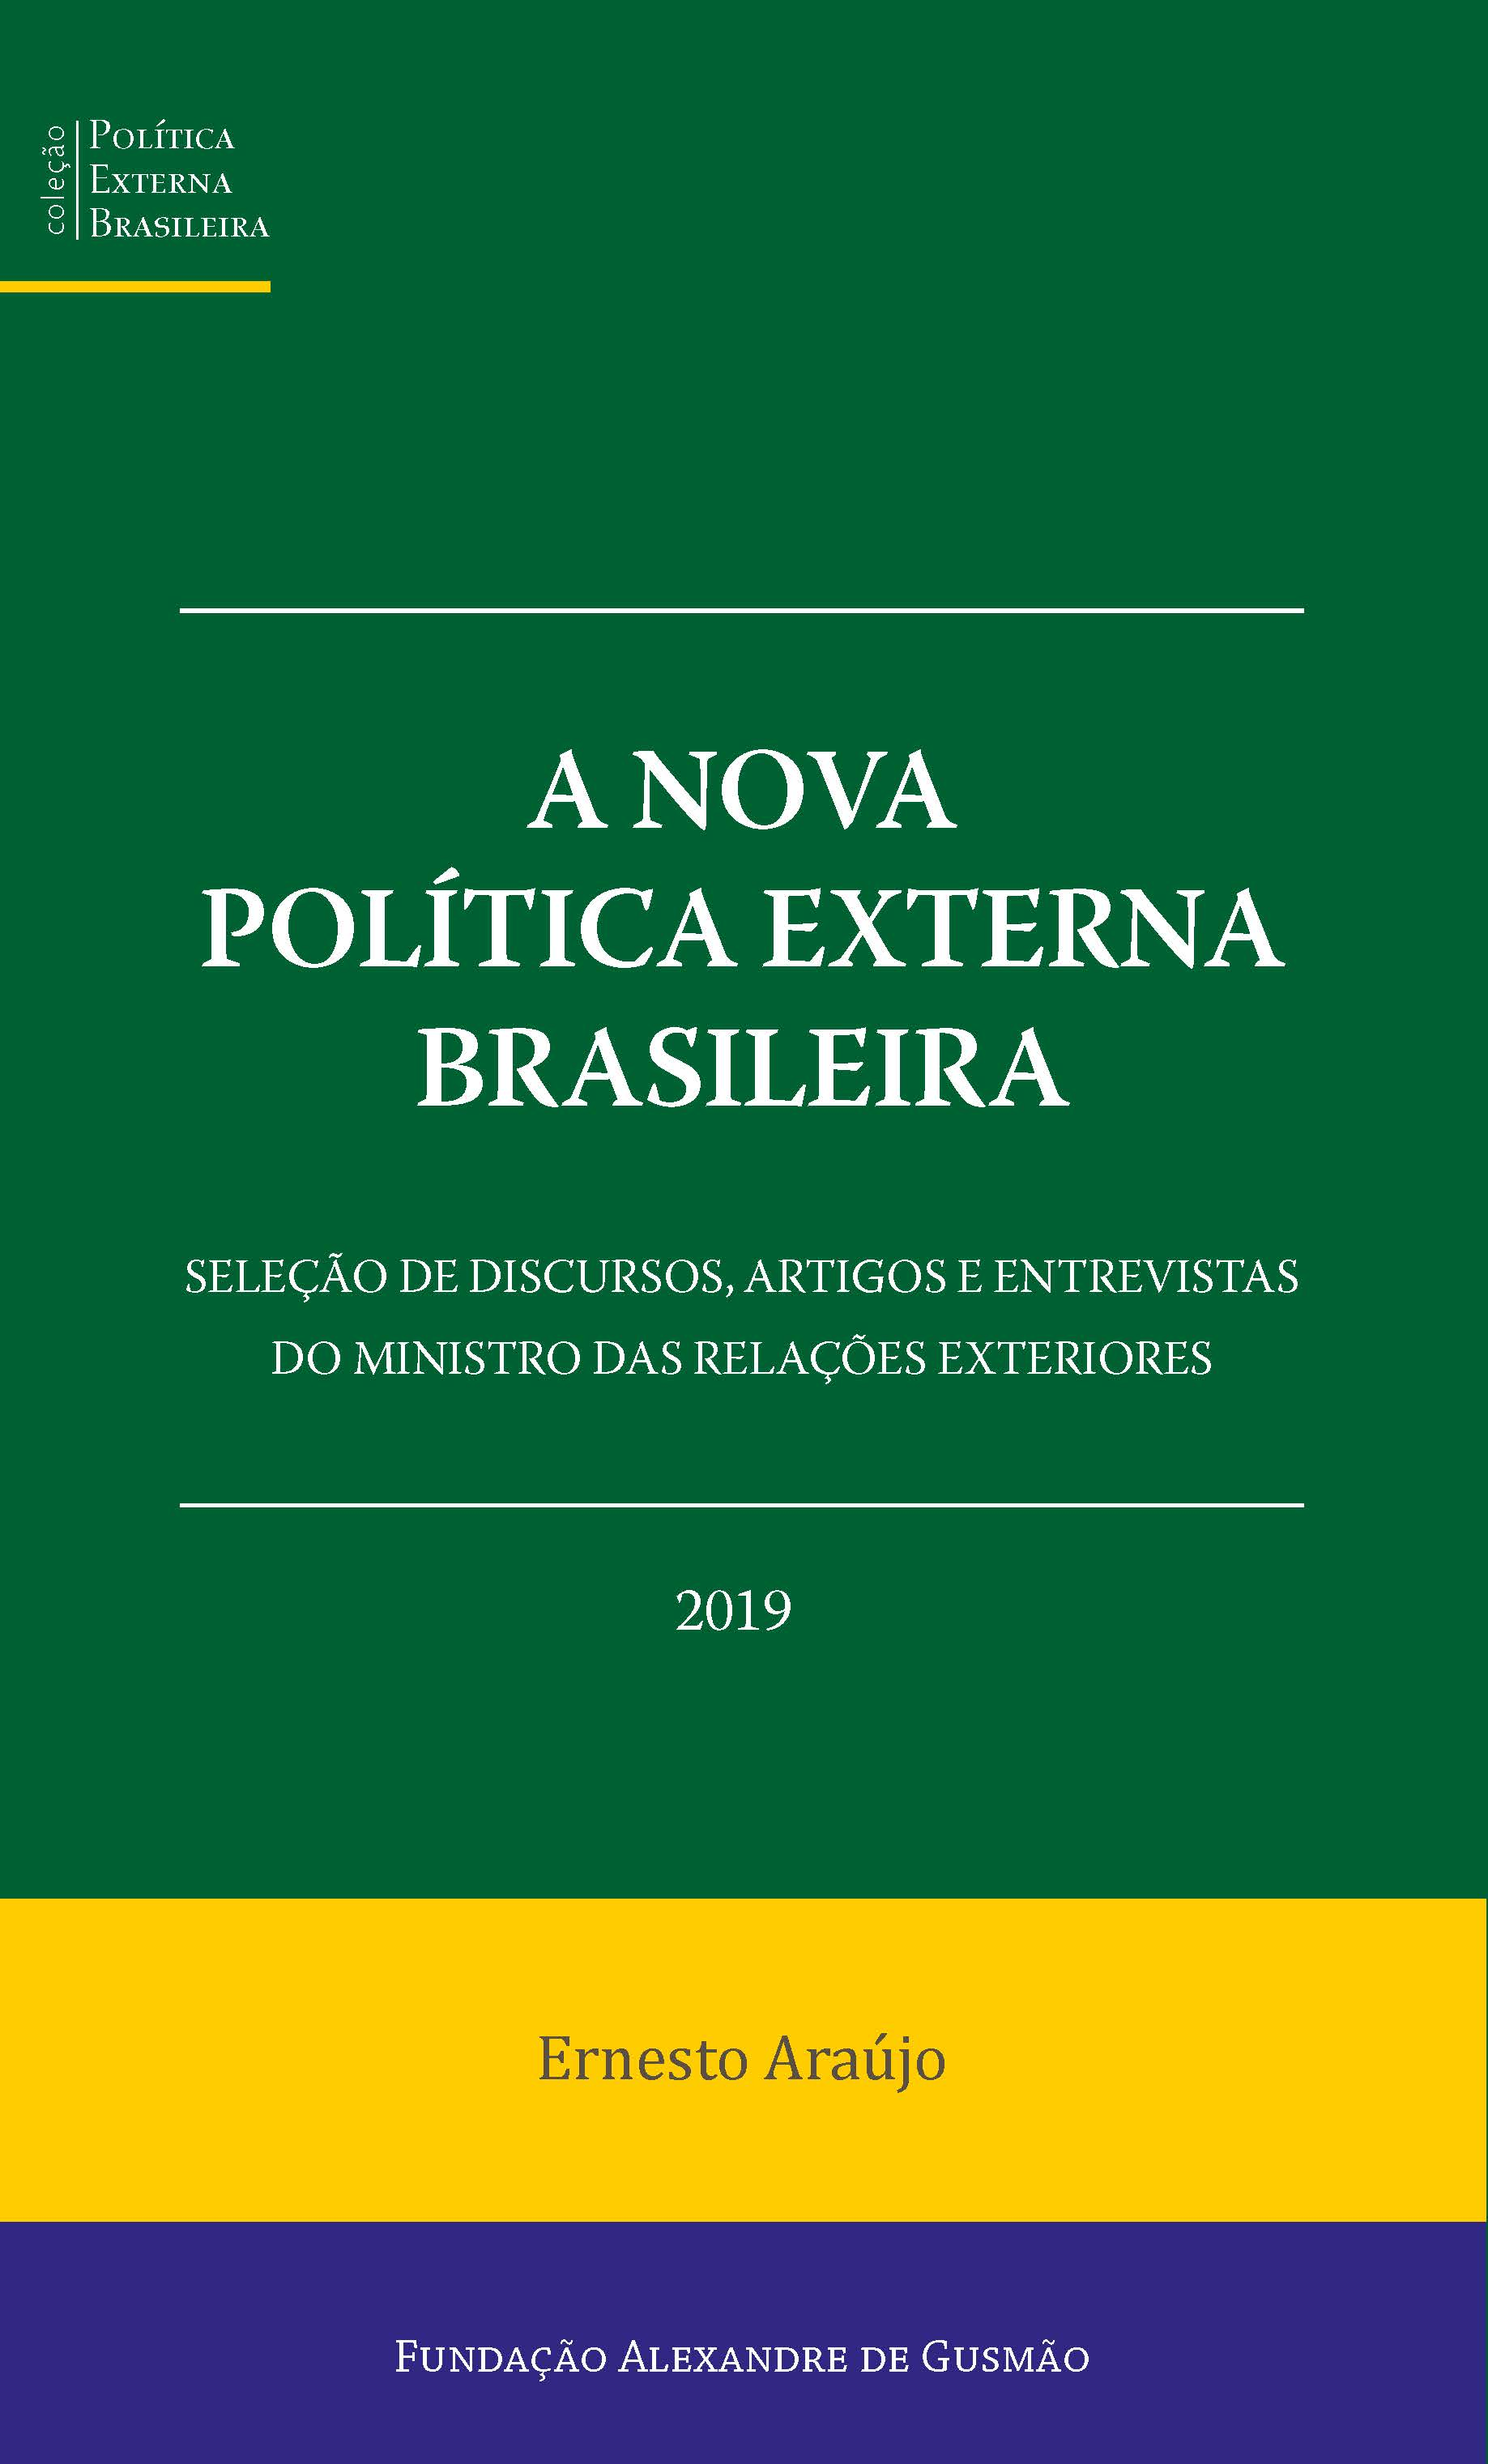 A nova política externa brasileira: seleção de discursos, artigos e entrevistas do Ministro das Relações Exteriores 2019